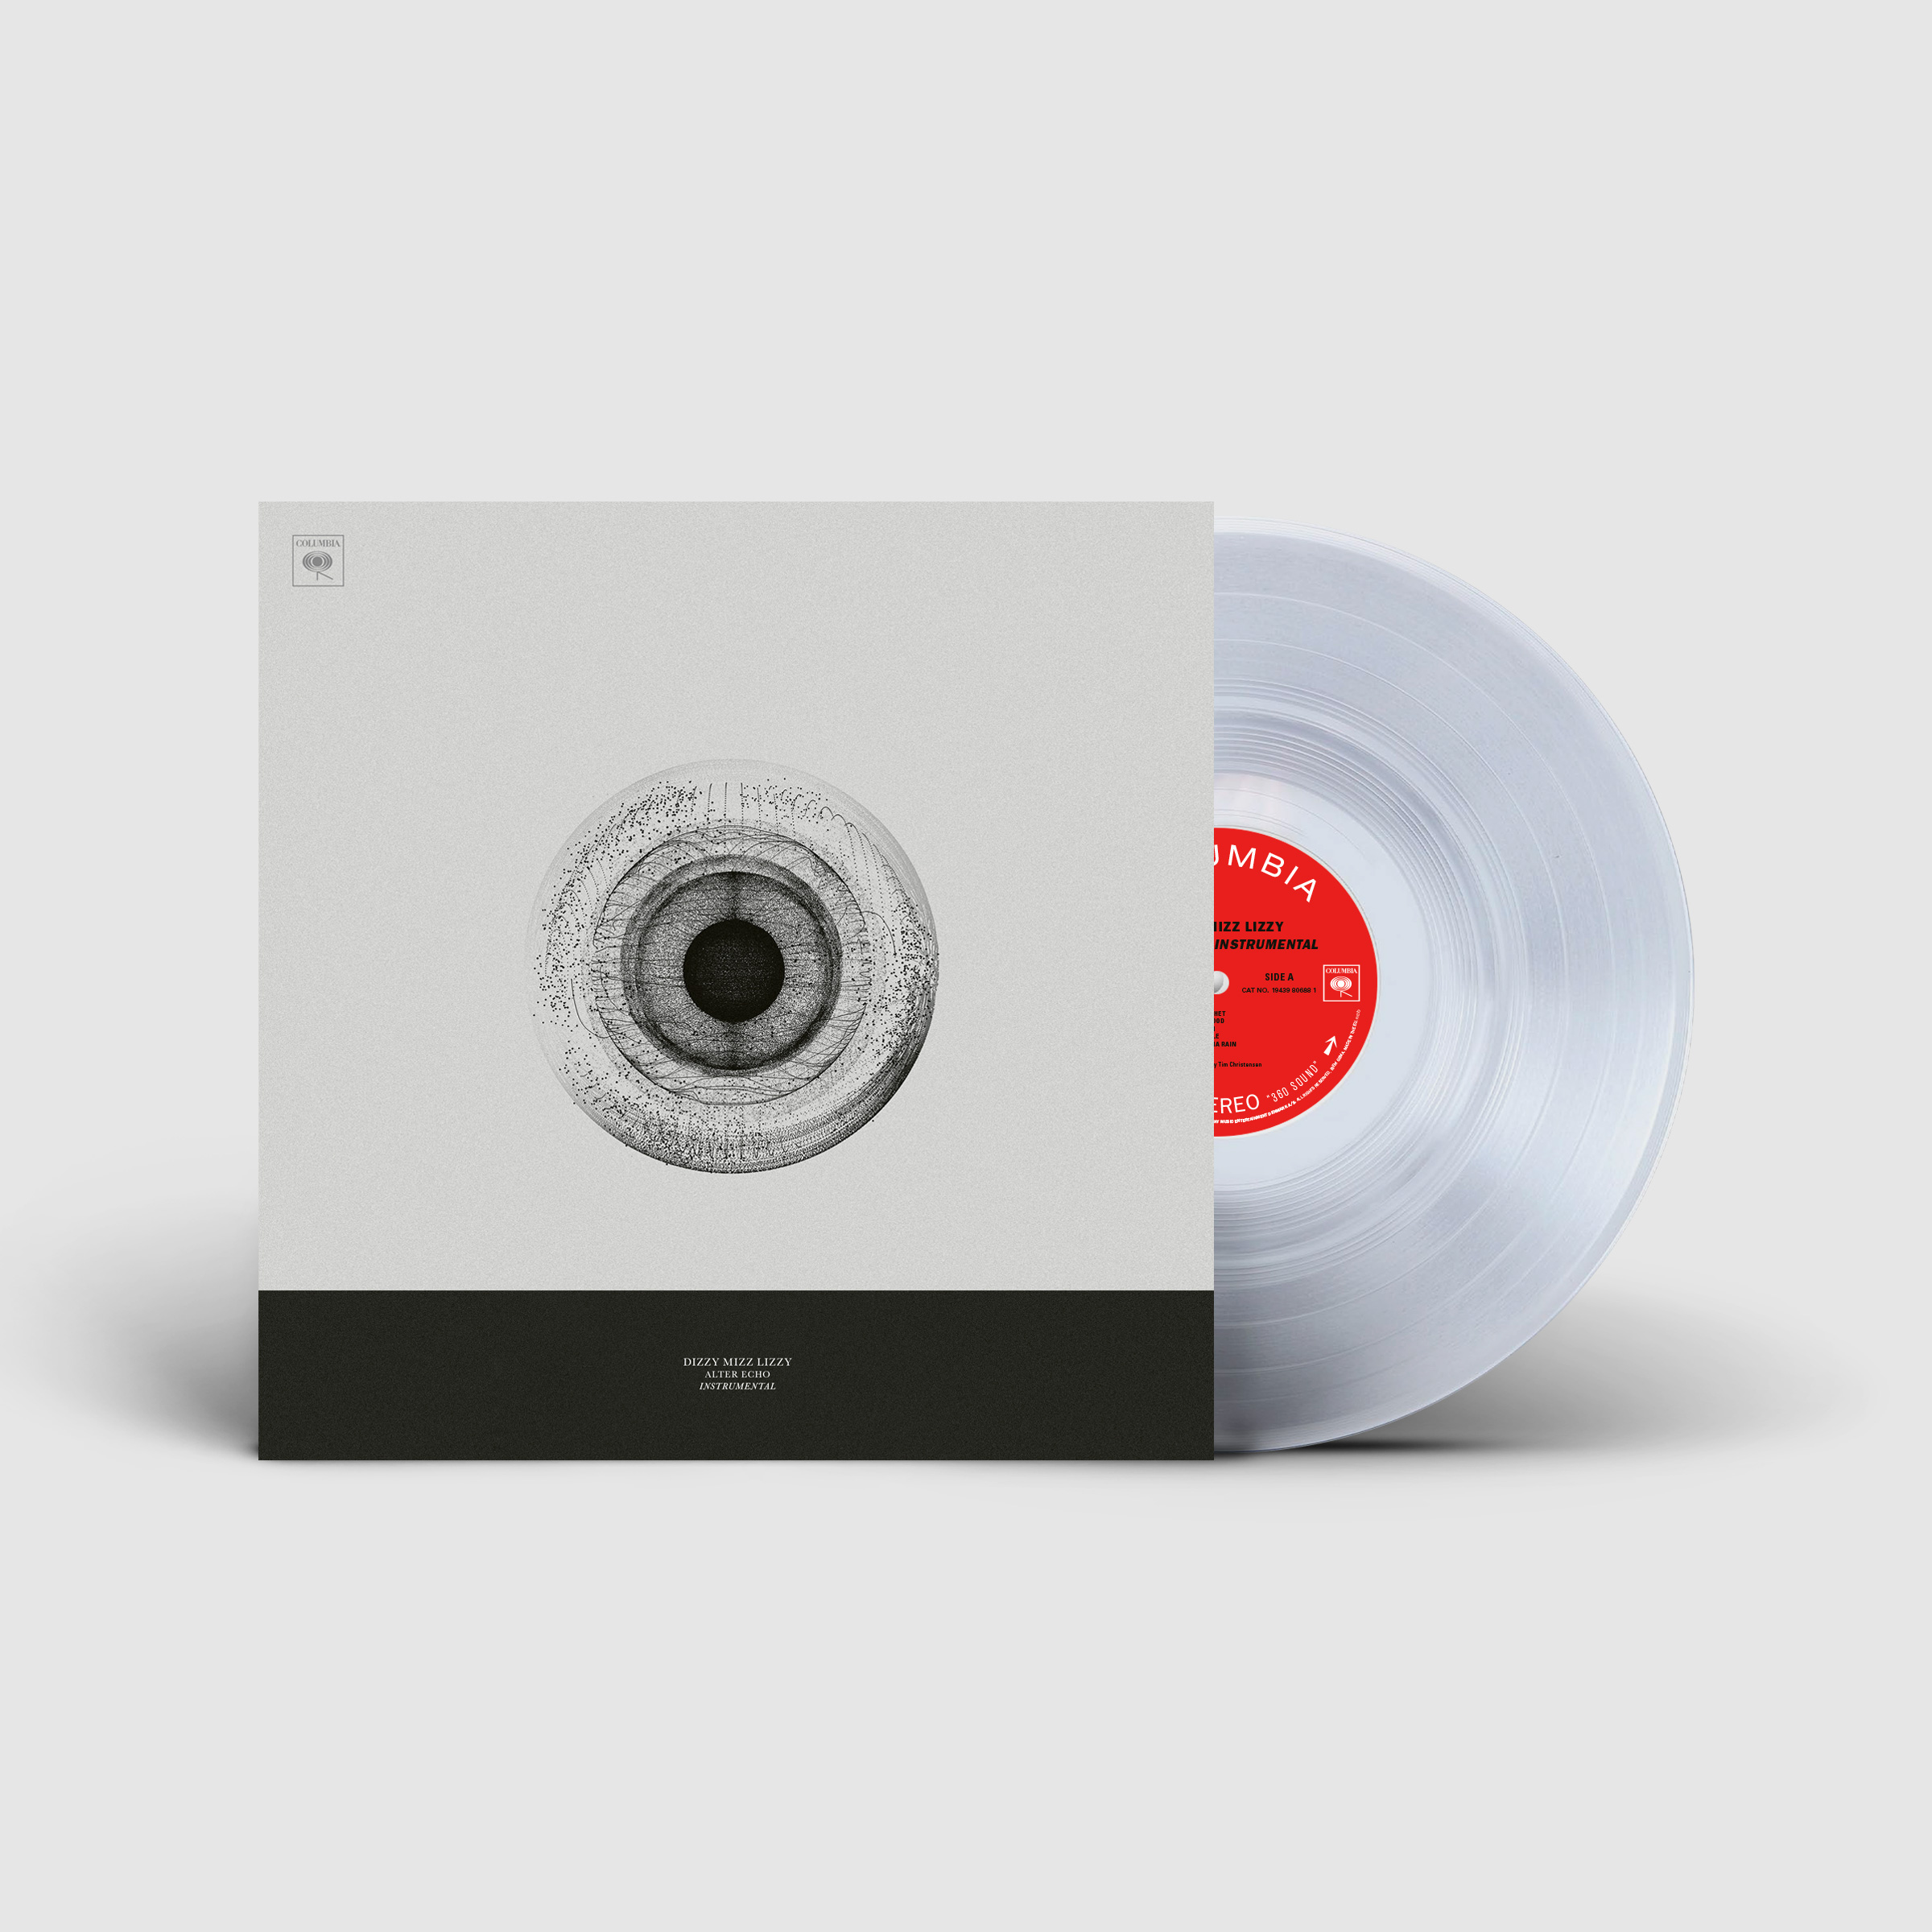 Alter Echo (Instrumental) - Dizzy Mizz Lizzy - Musik -  - 0194398068817 - July 30, 2021